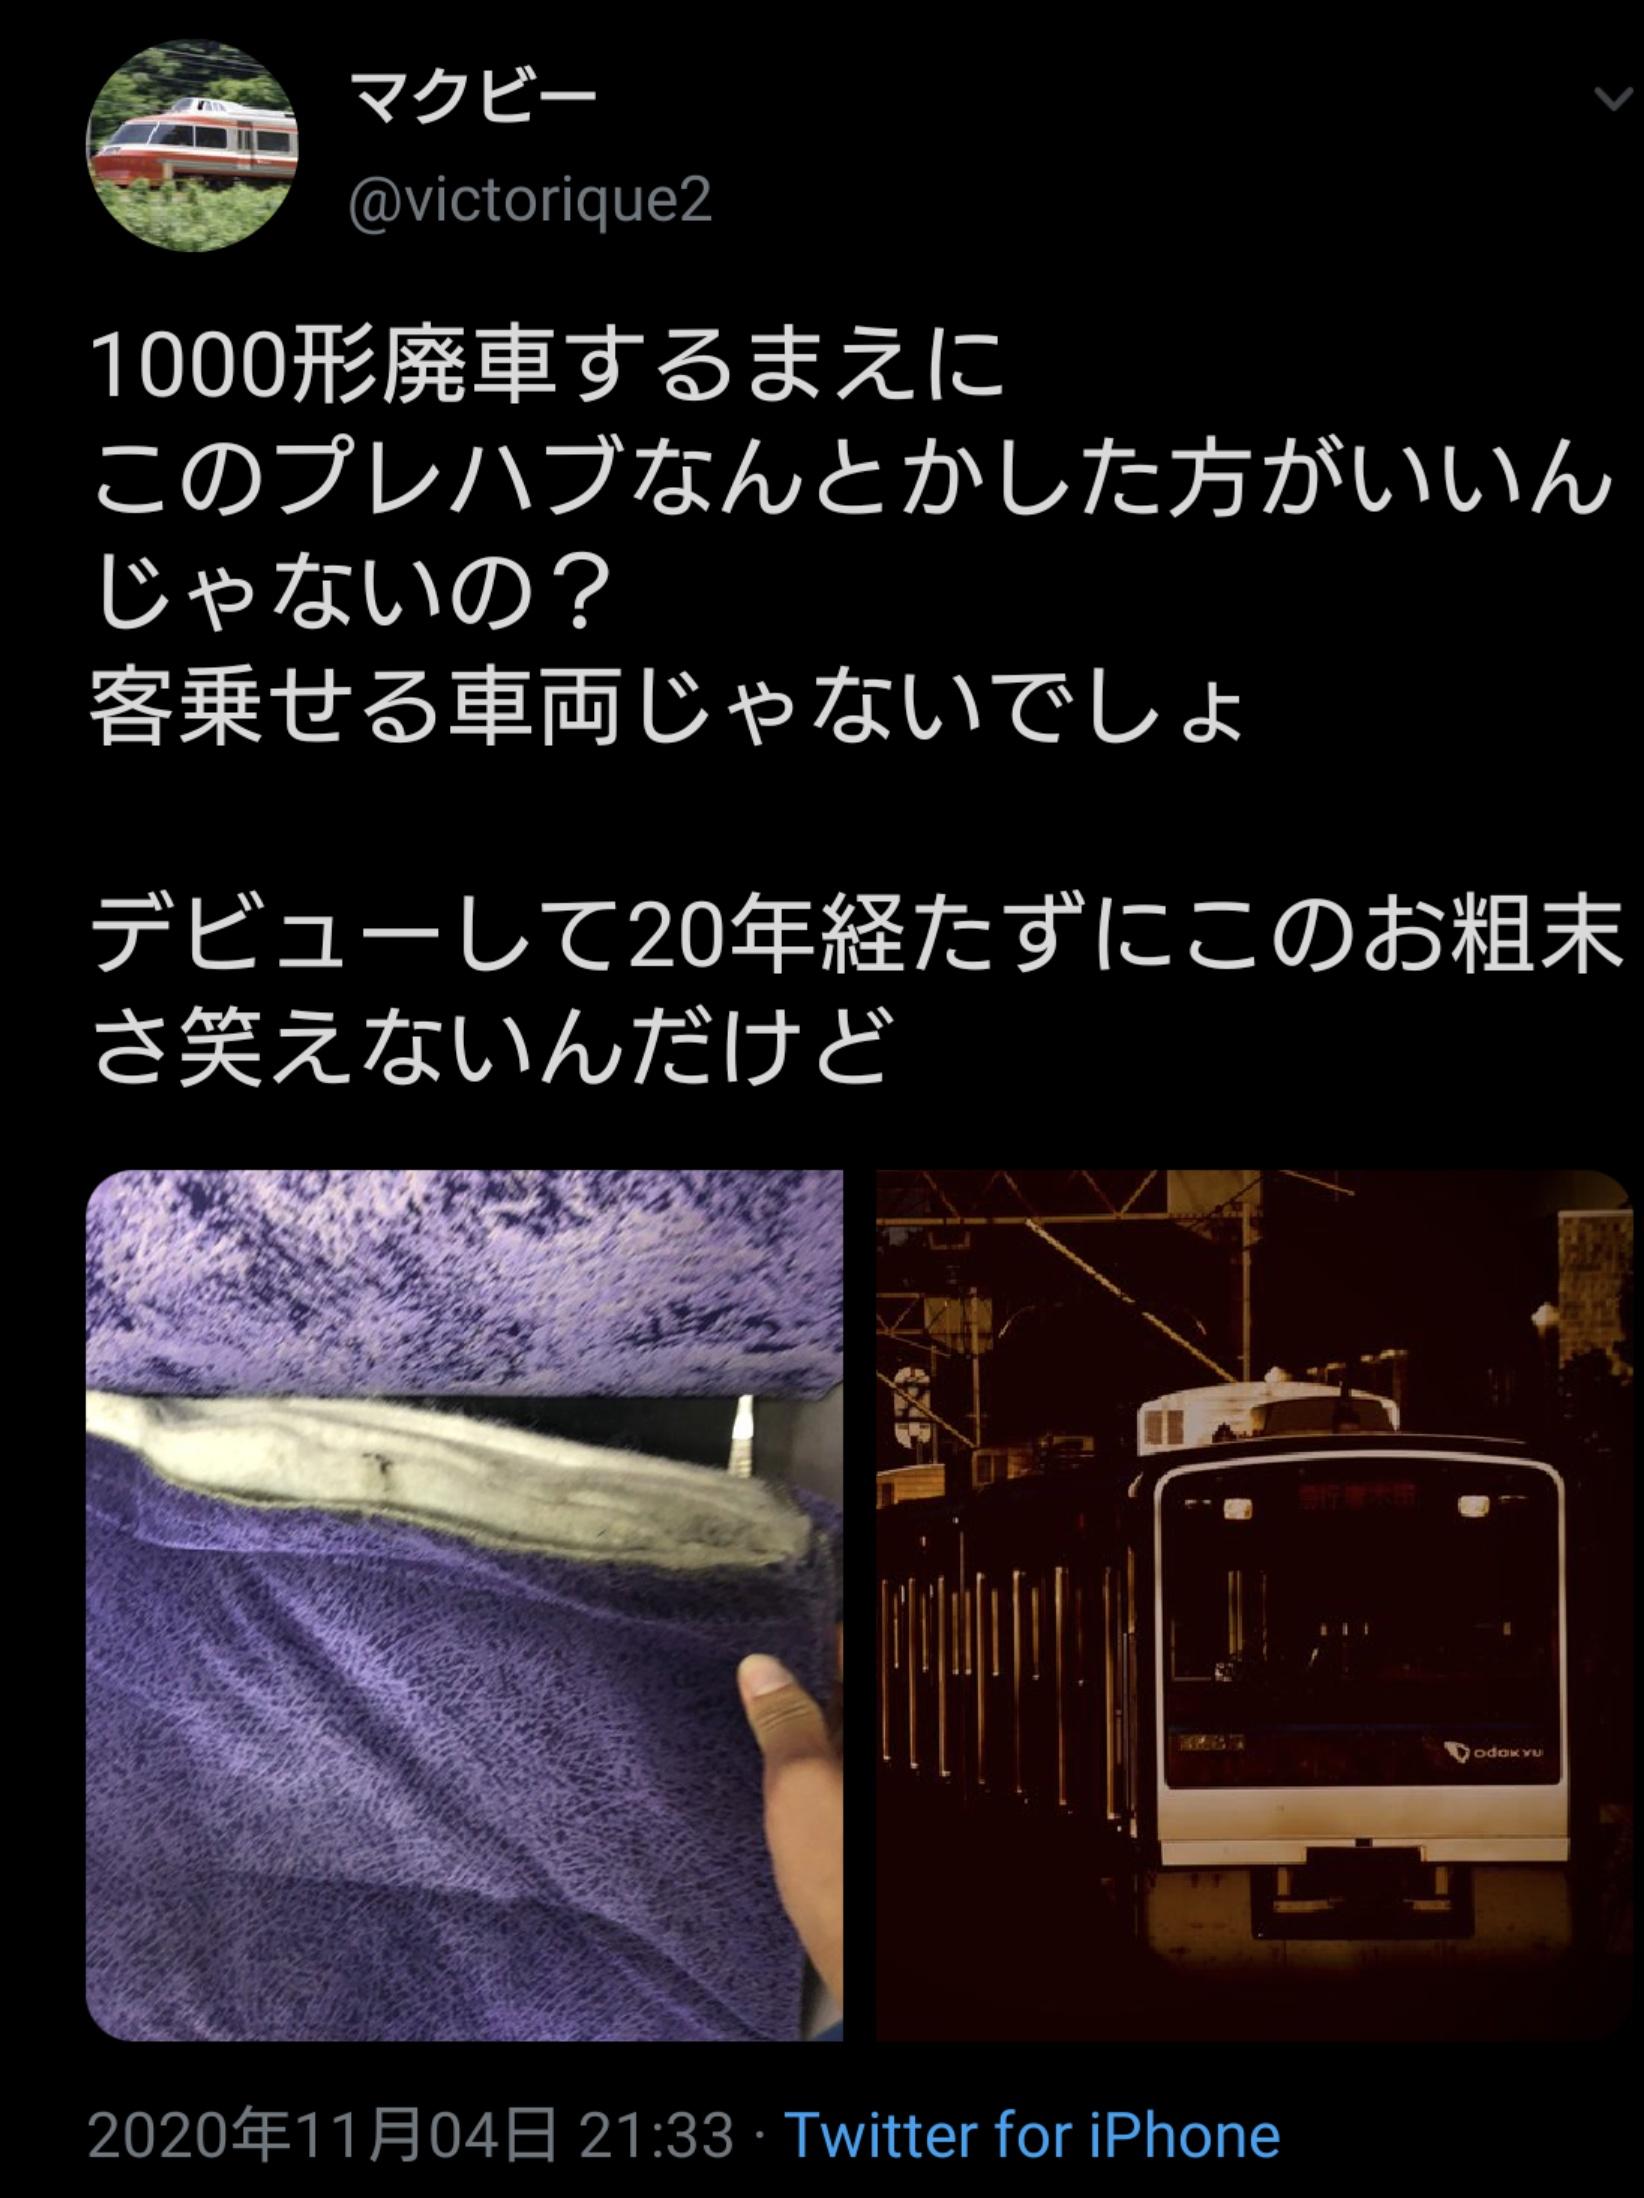 【言論弾圧か?】小田急3000形に文句を言ったら鉄道ファンがブチ切れ炎上 器物破損をでっち上げられる